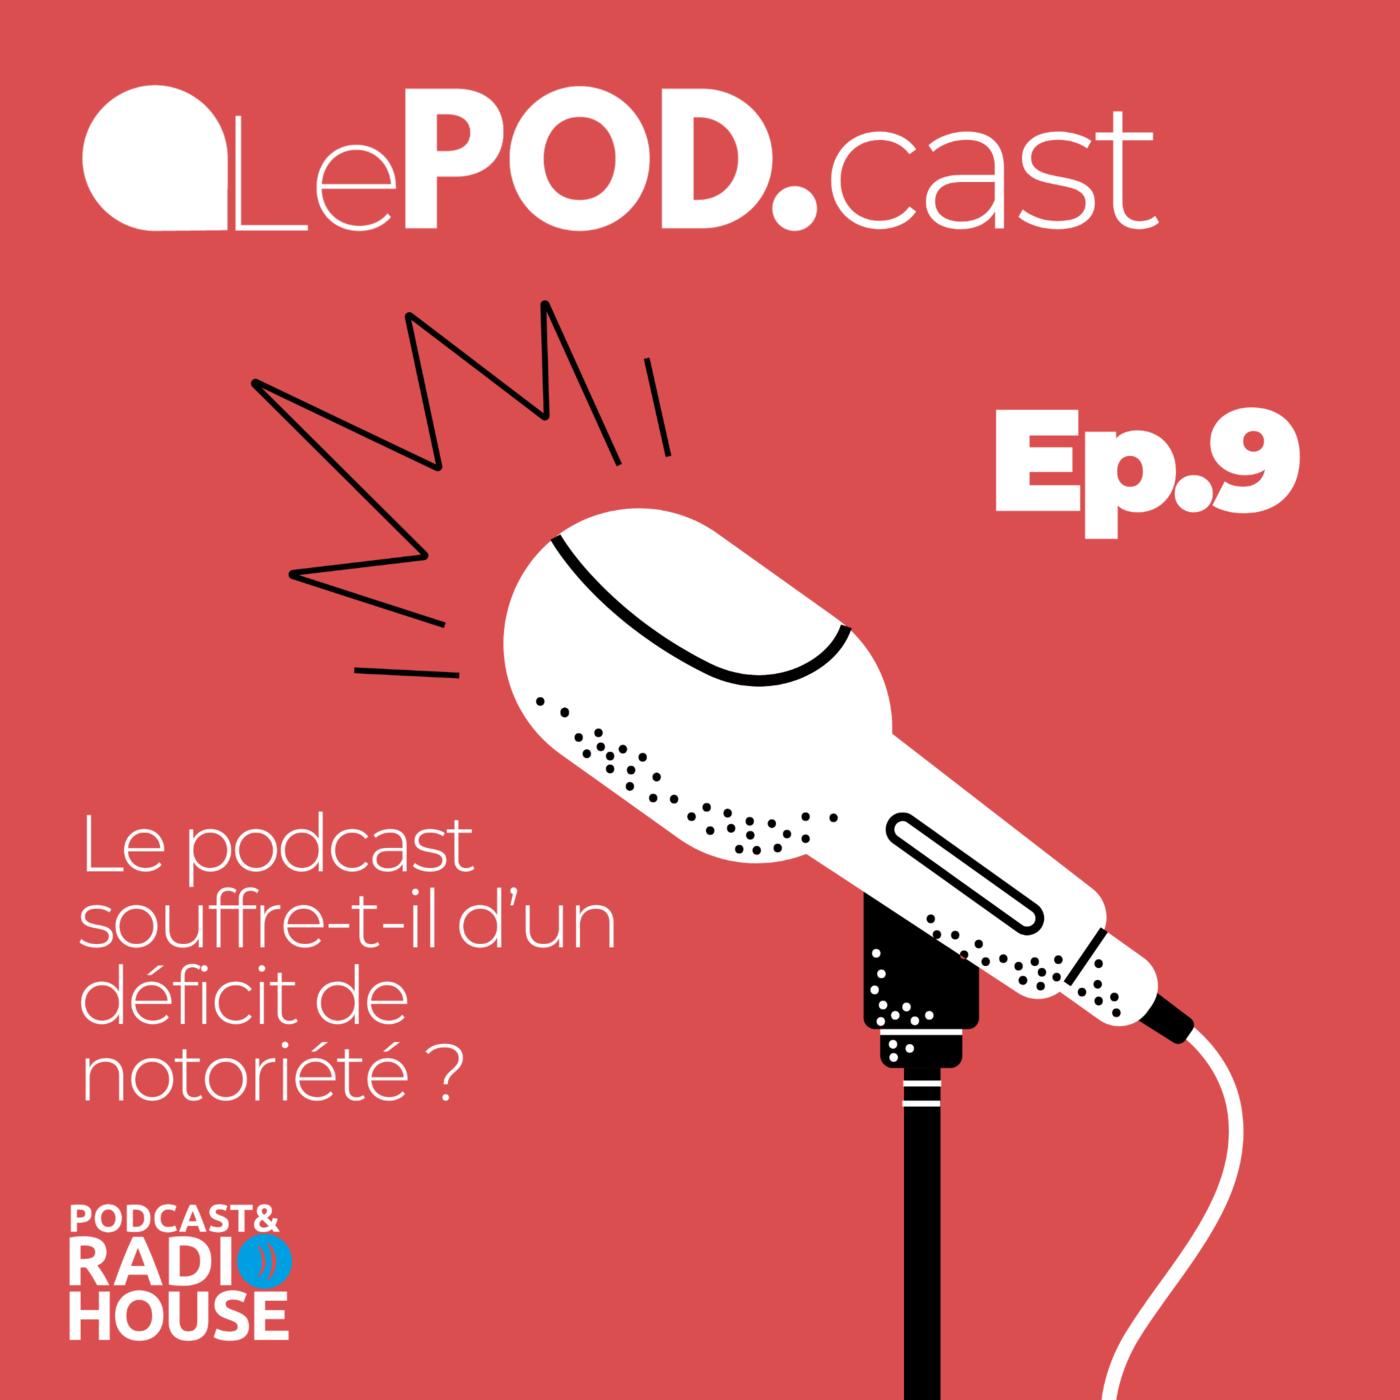 EP.9 - Le podcast souffre-t-il d'un déficit de notoriété ?  - Le POD.